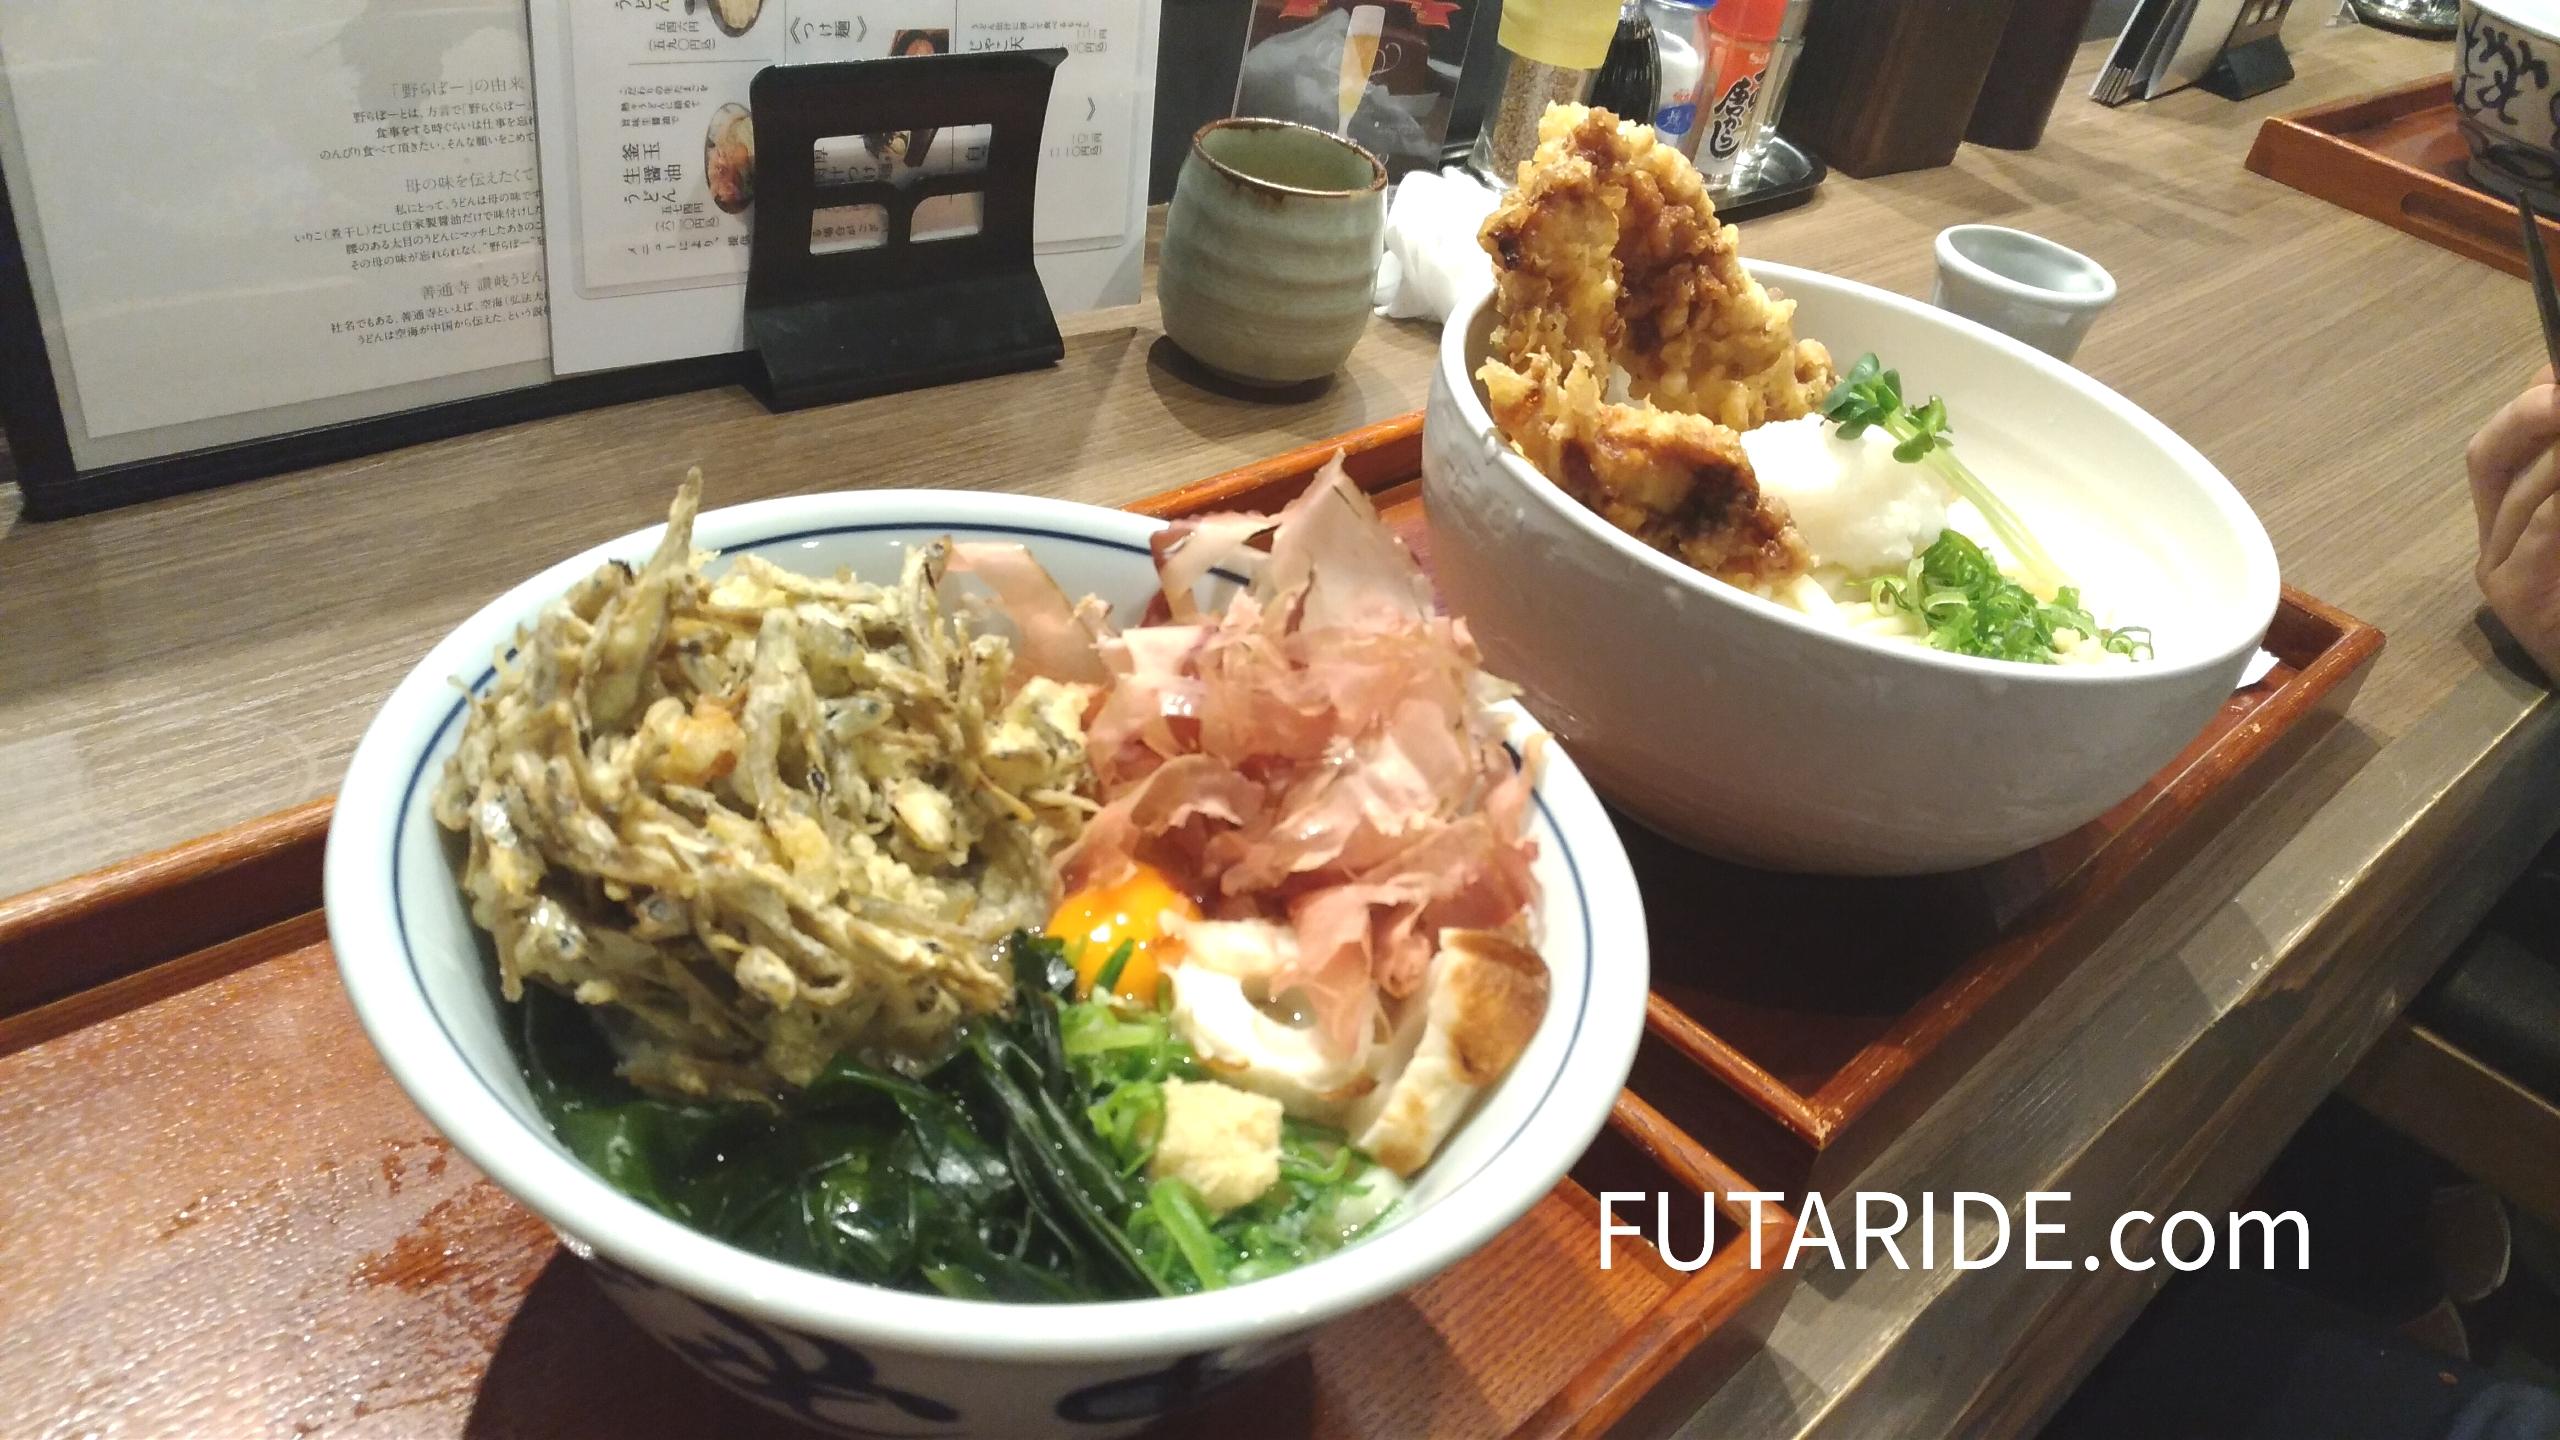 【野らぼー】名古屋初出展!讃岐の農家の家庭料理店のうどんはほっこり懐かしい【ゲートタワー】